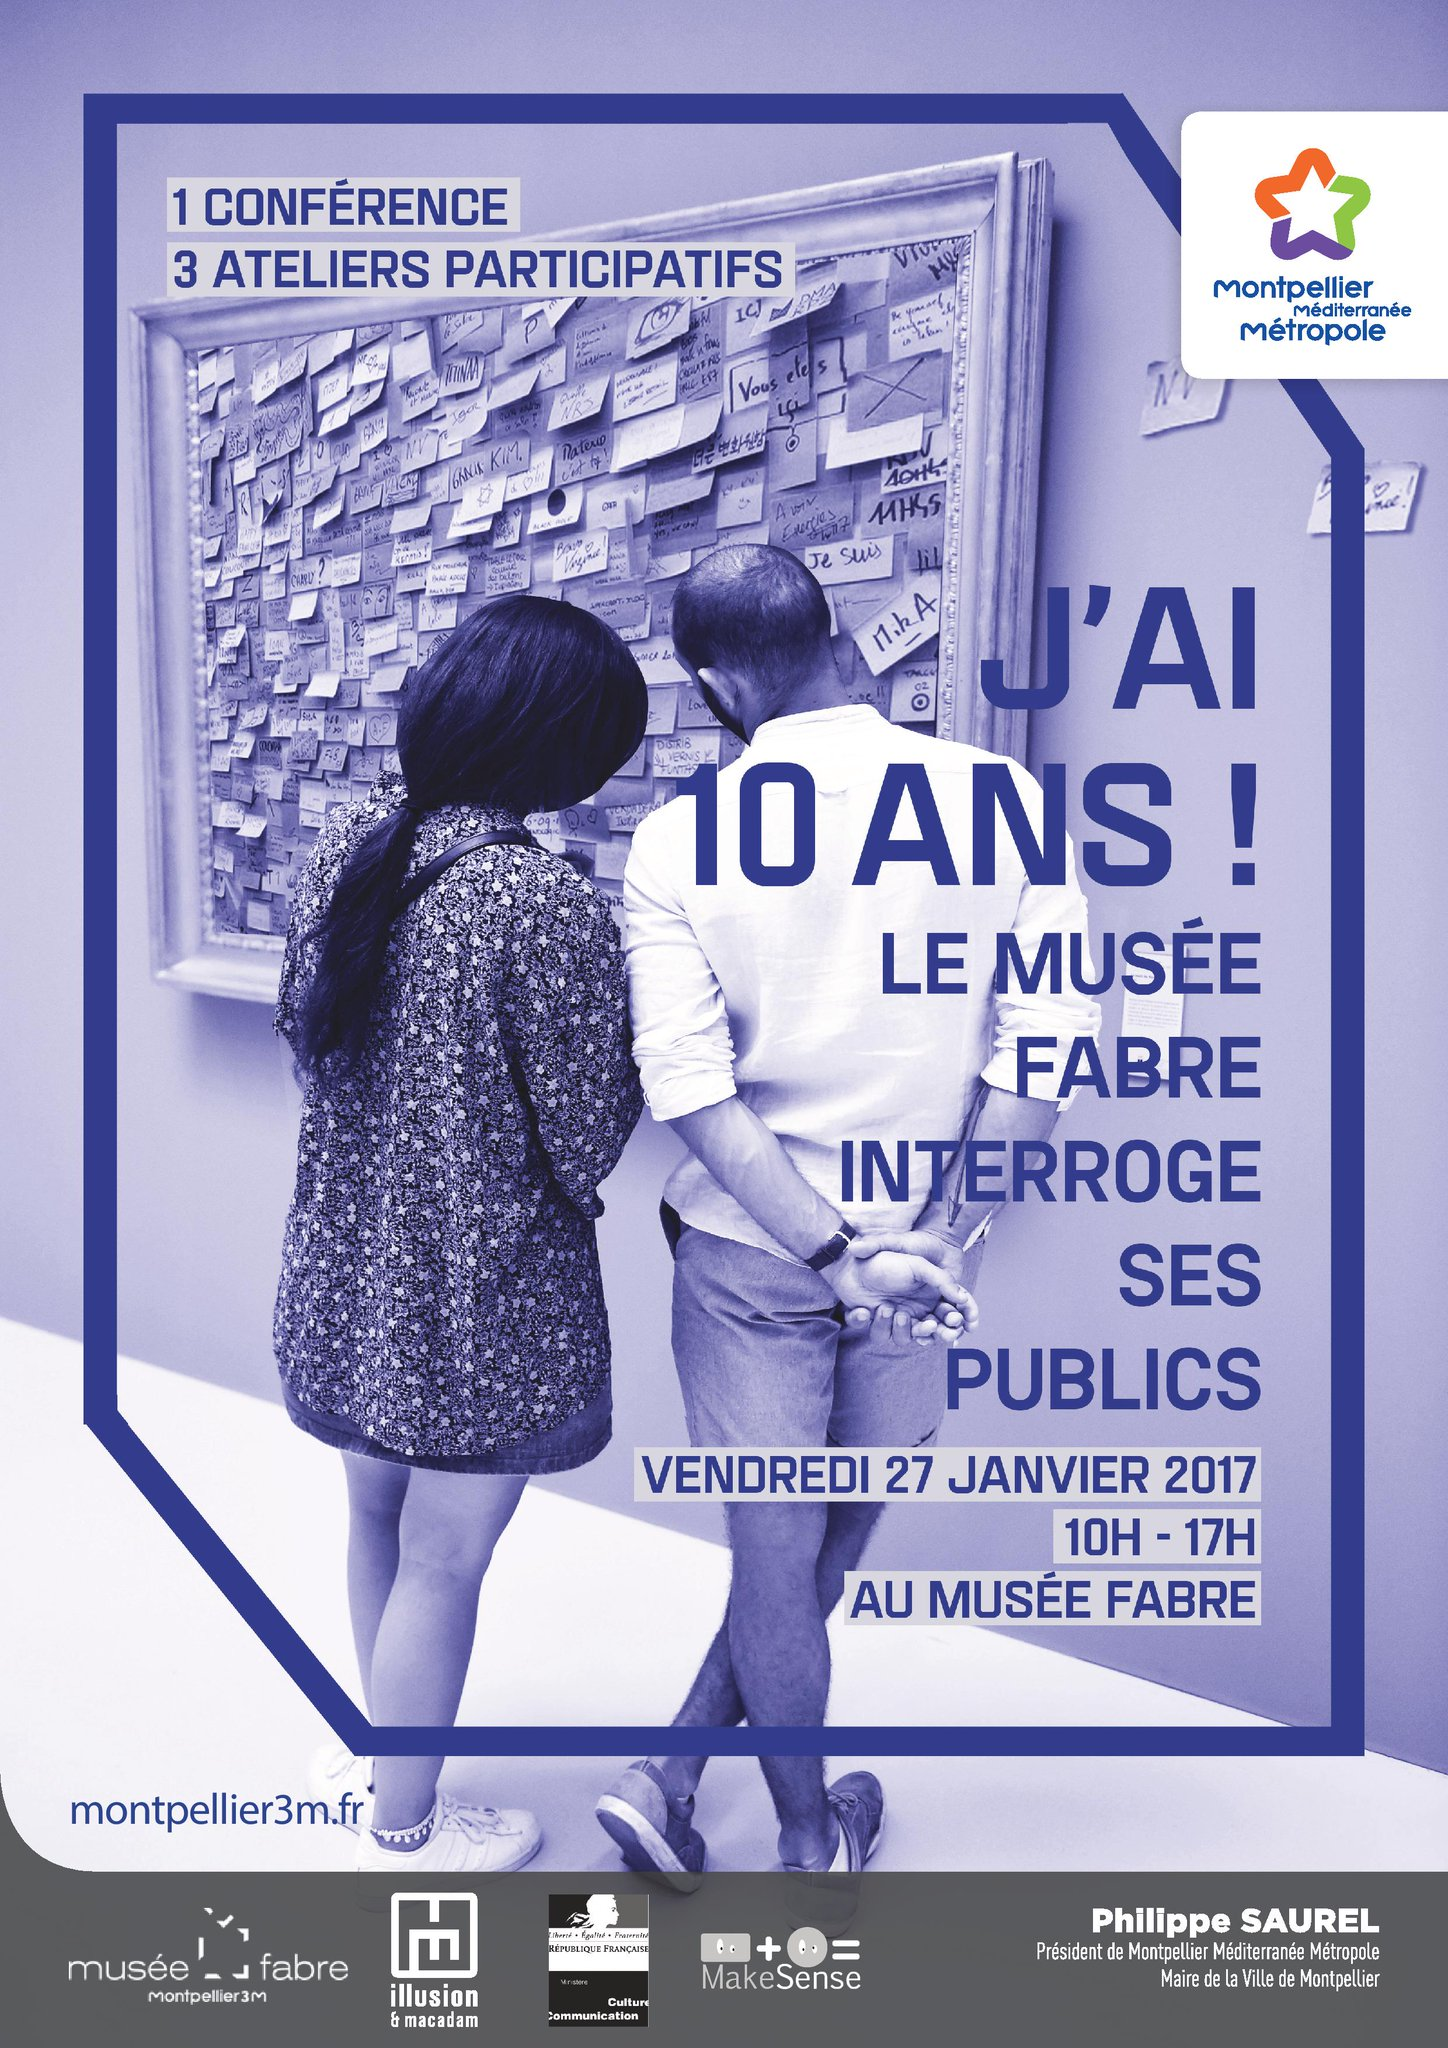 @museefabre interroge ses publics pour ses 10 ans ce vendredi 27 janvier ! @saurel2014 @travier_b @piobetta @Skerangueven 1/2 https://t.co/rPTSiiijVO